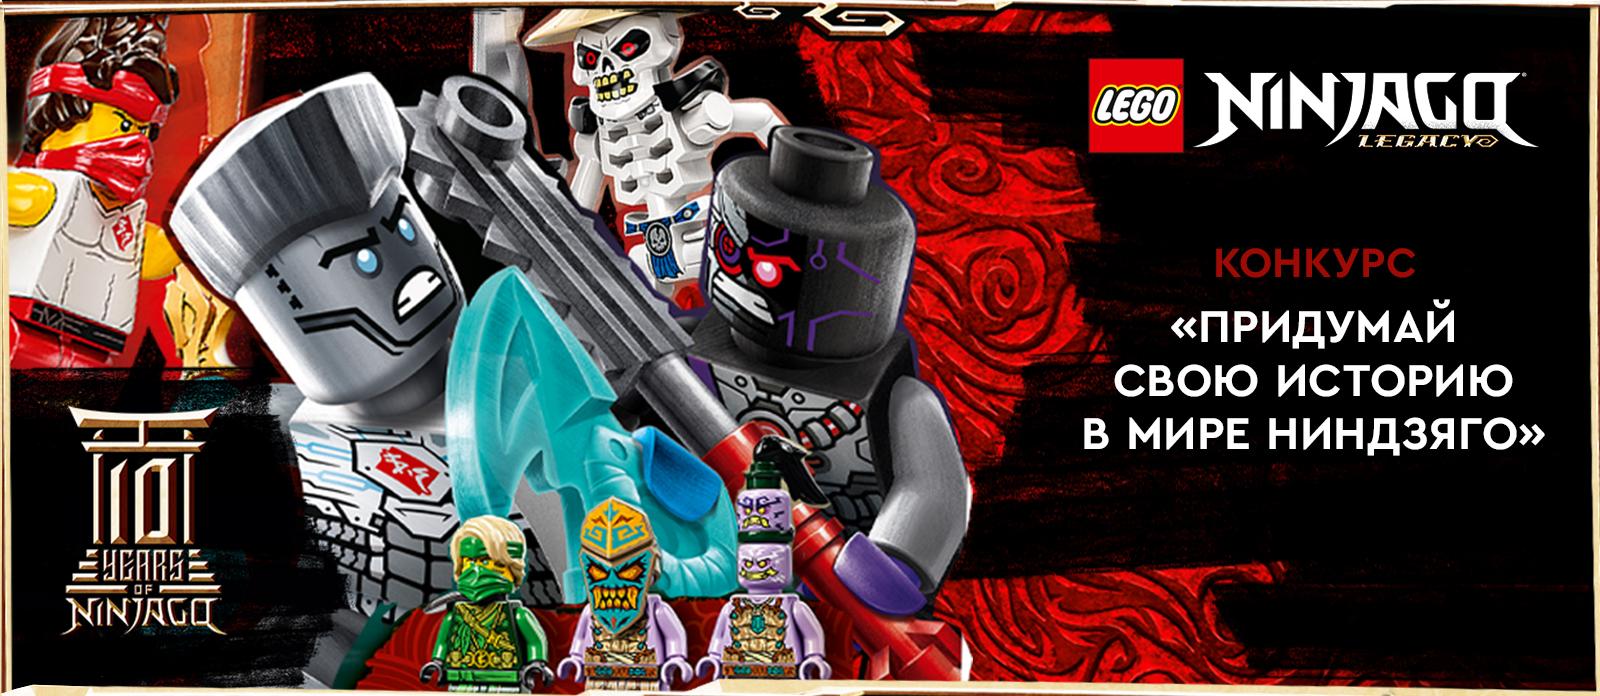 LEGO Ninjago 10 лет